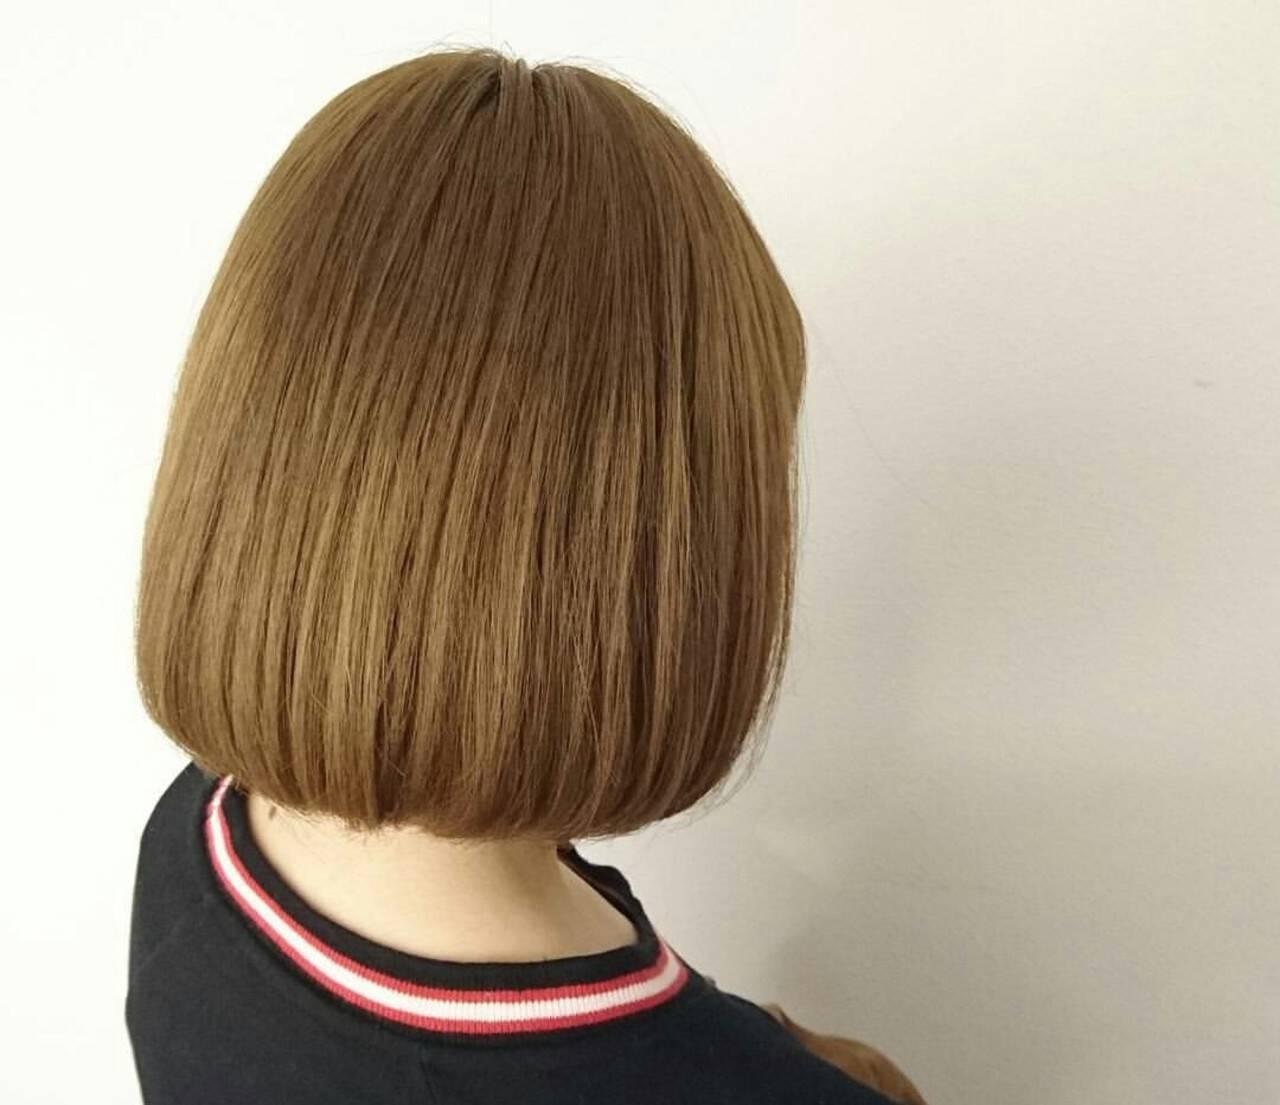 ブリーチ ベージュ ボブ イエローヘアスタイルや髪型の写真・画像